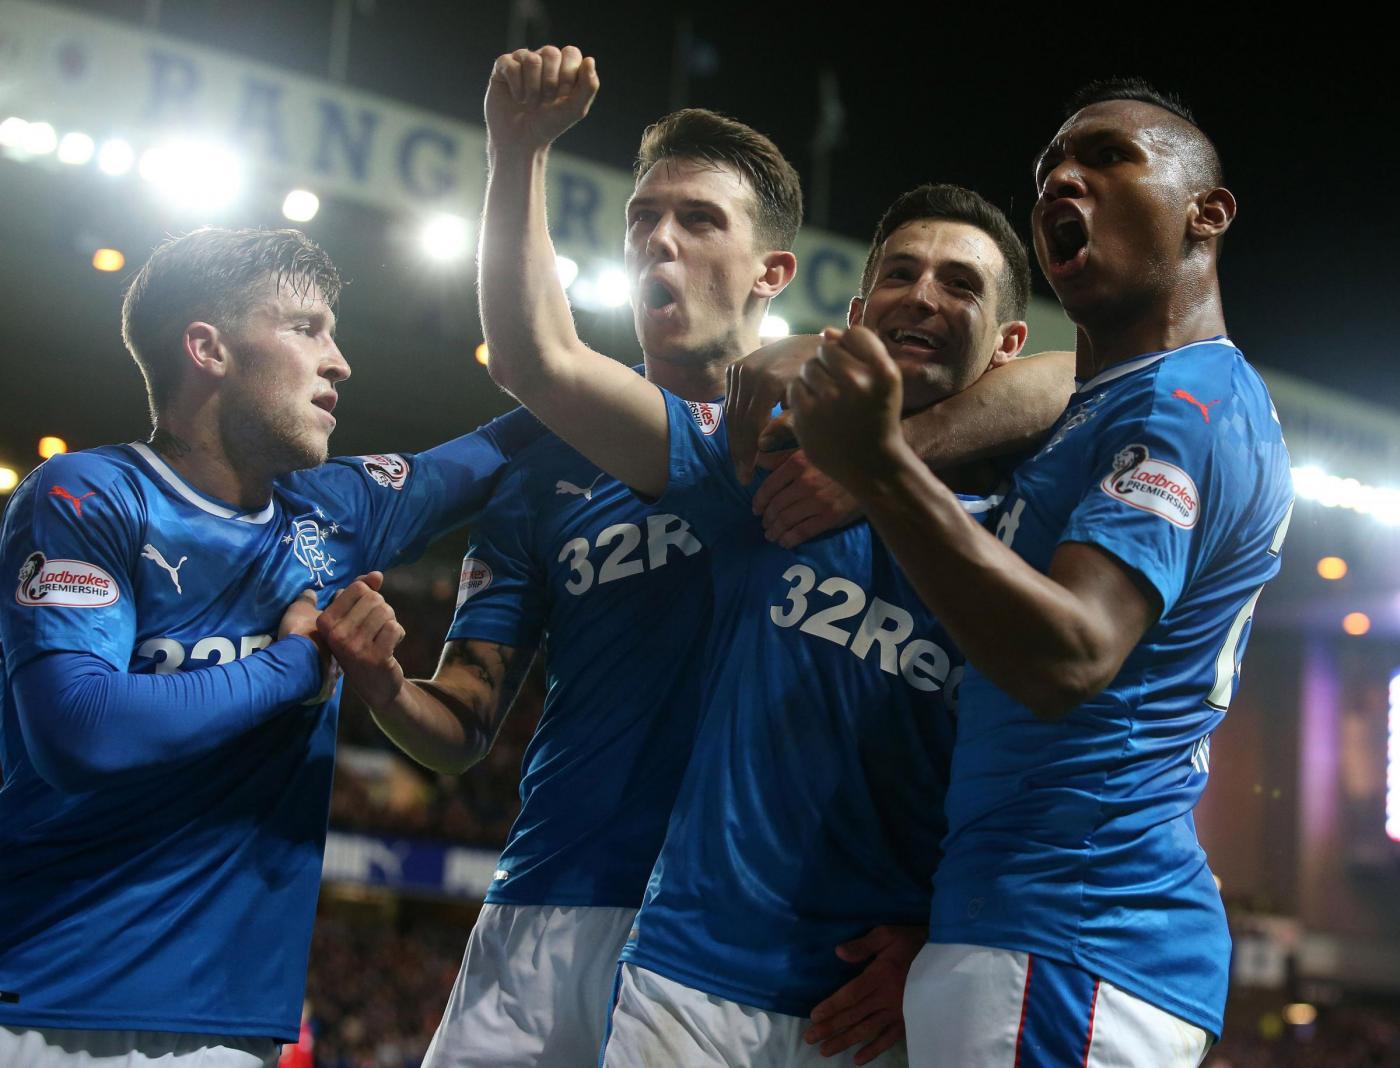 Premiership Scozia, i pronostici: Celtic e Rangers in testa al gruppo